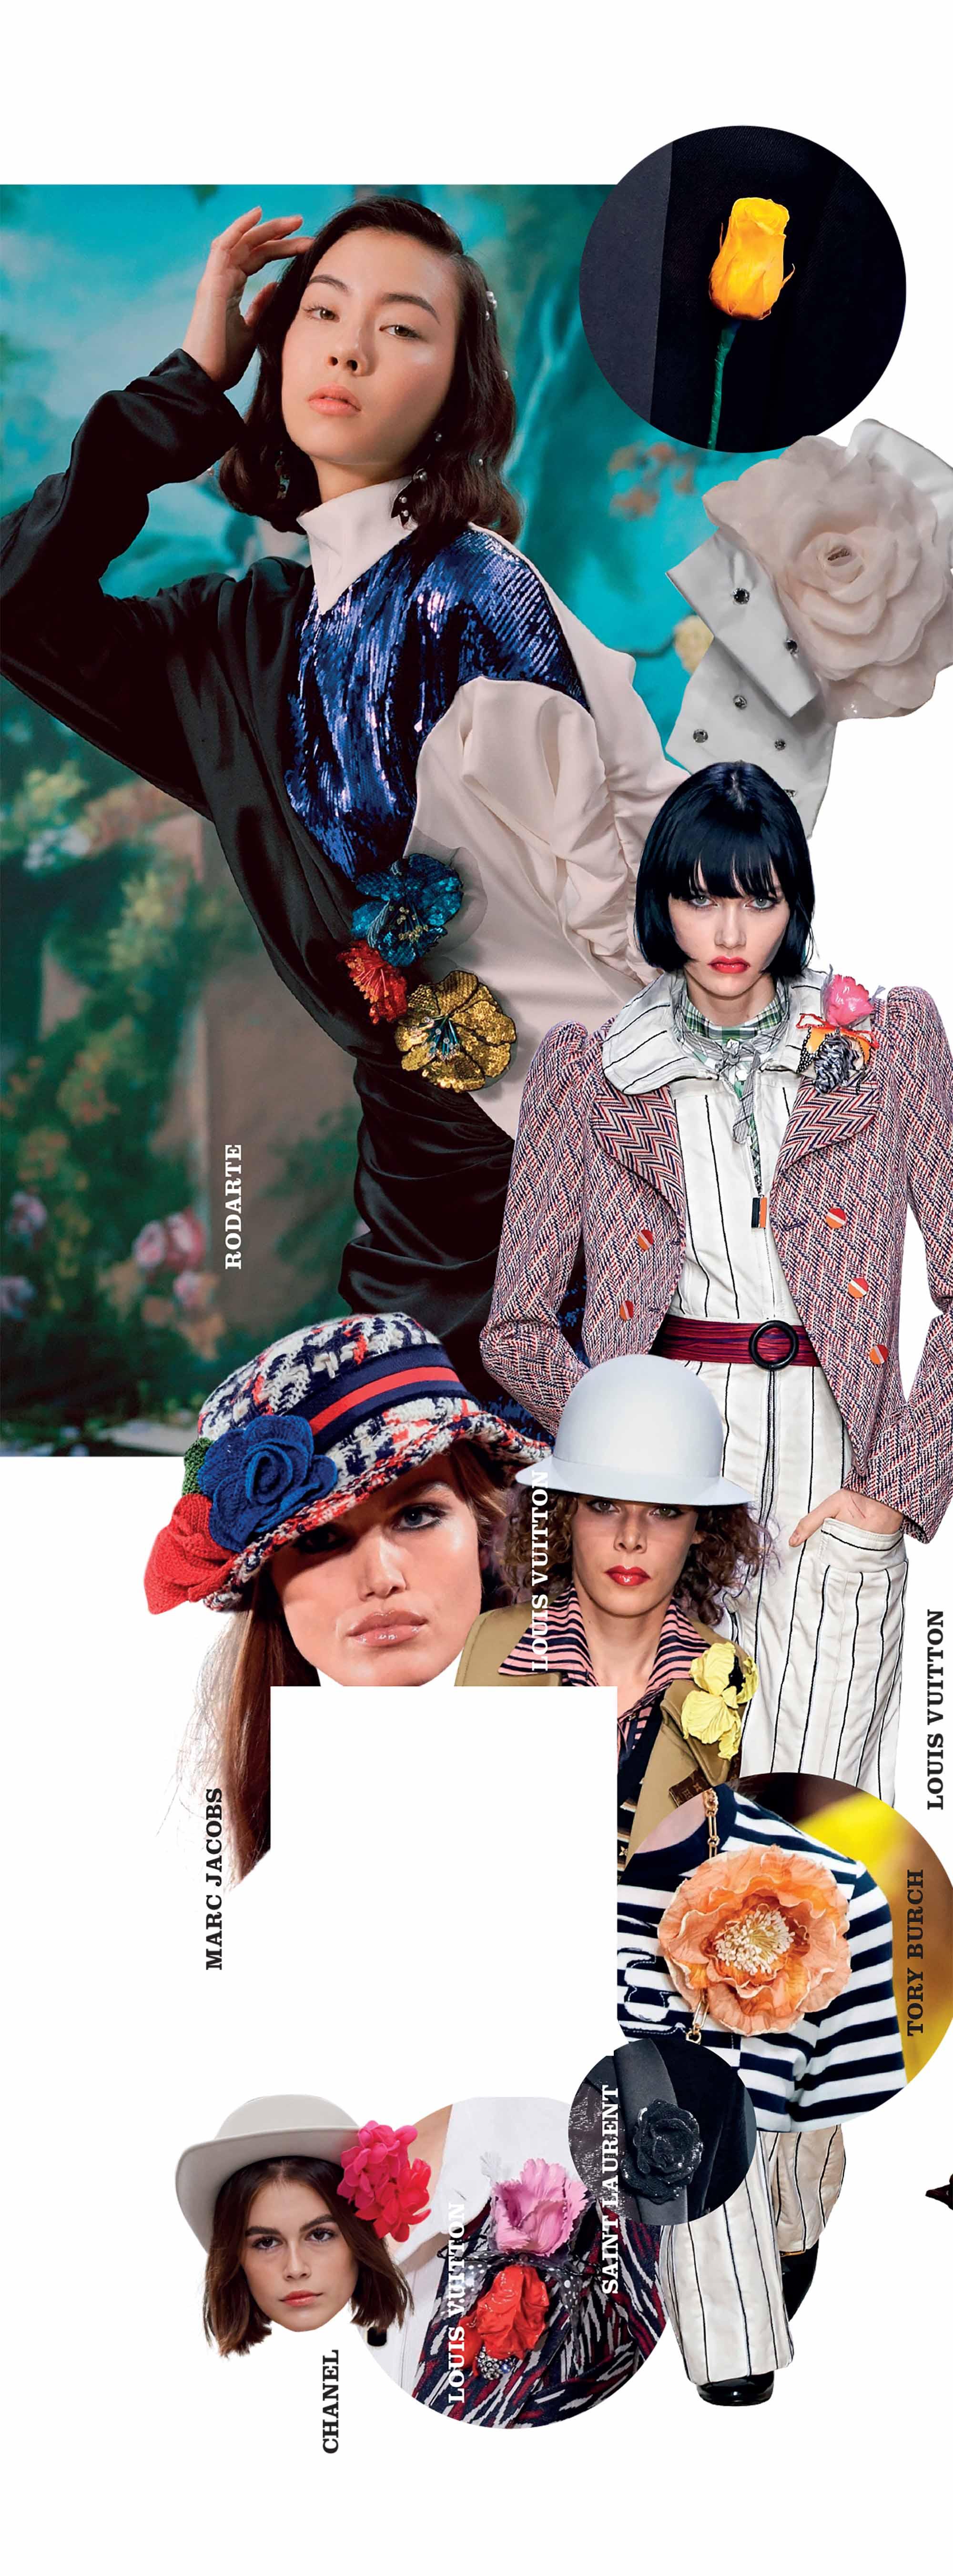 phụ kiện hoa cài áo ấn tượng trong các bộ sưu tập thời trang Xuân Hè 2020